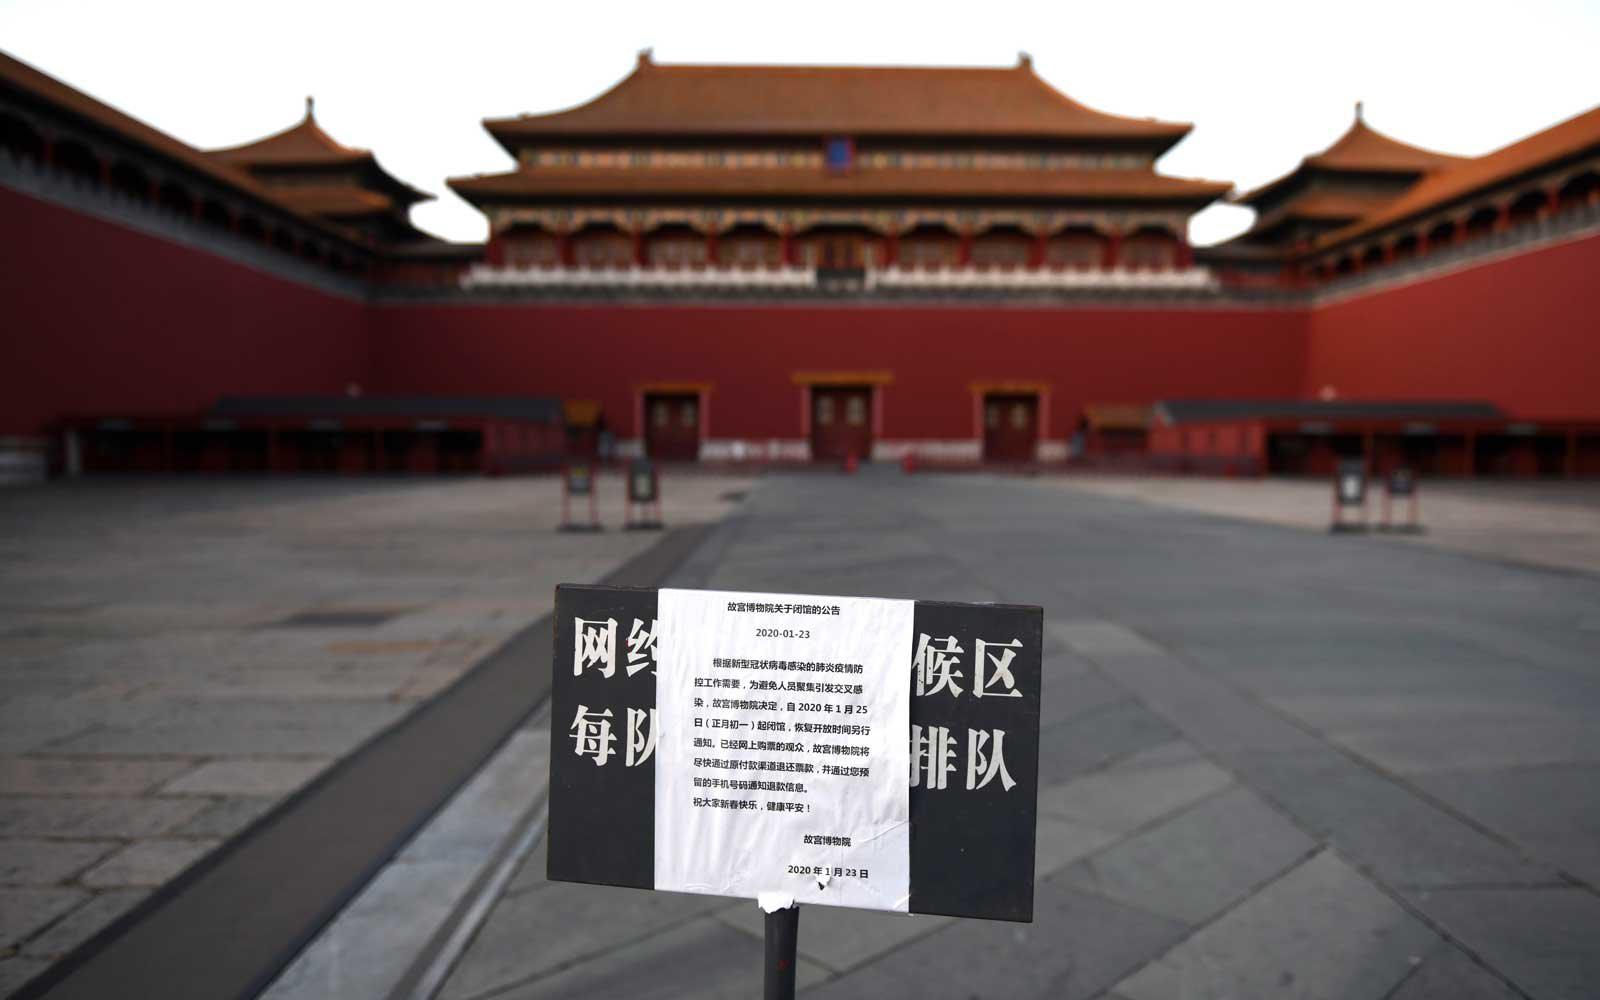 Trung Quốc mở triển lãm bảo tàng trực tuyến do sự bùng phát của virus corona - Ảnh 1.